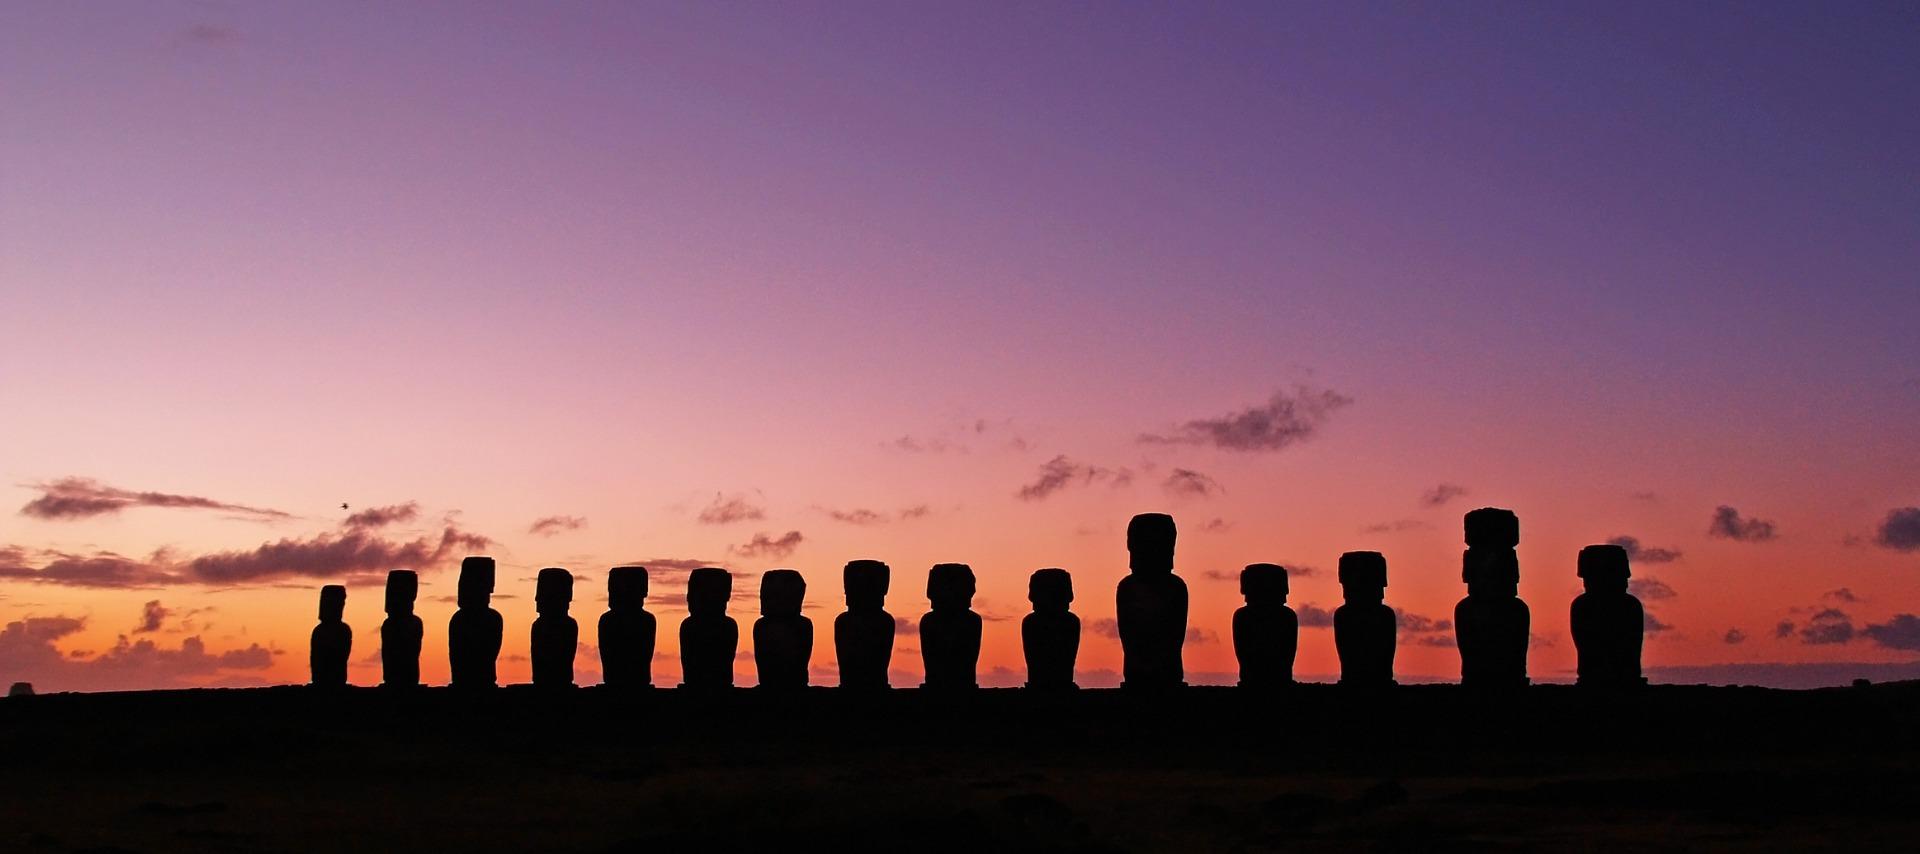 Isola di Pasqua, Rapa nui, sculture, Cielo, nuvole - Sfondi HD - Professor-falken.com